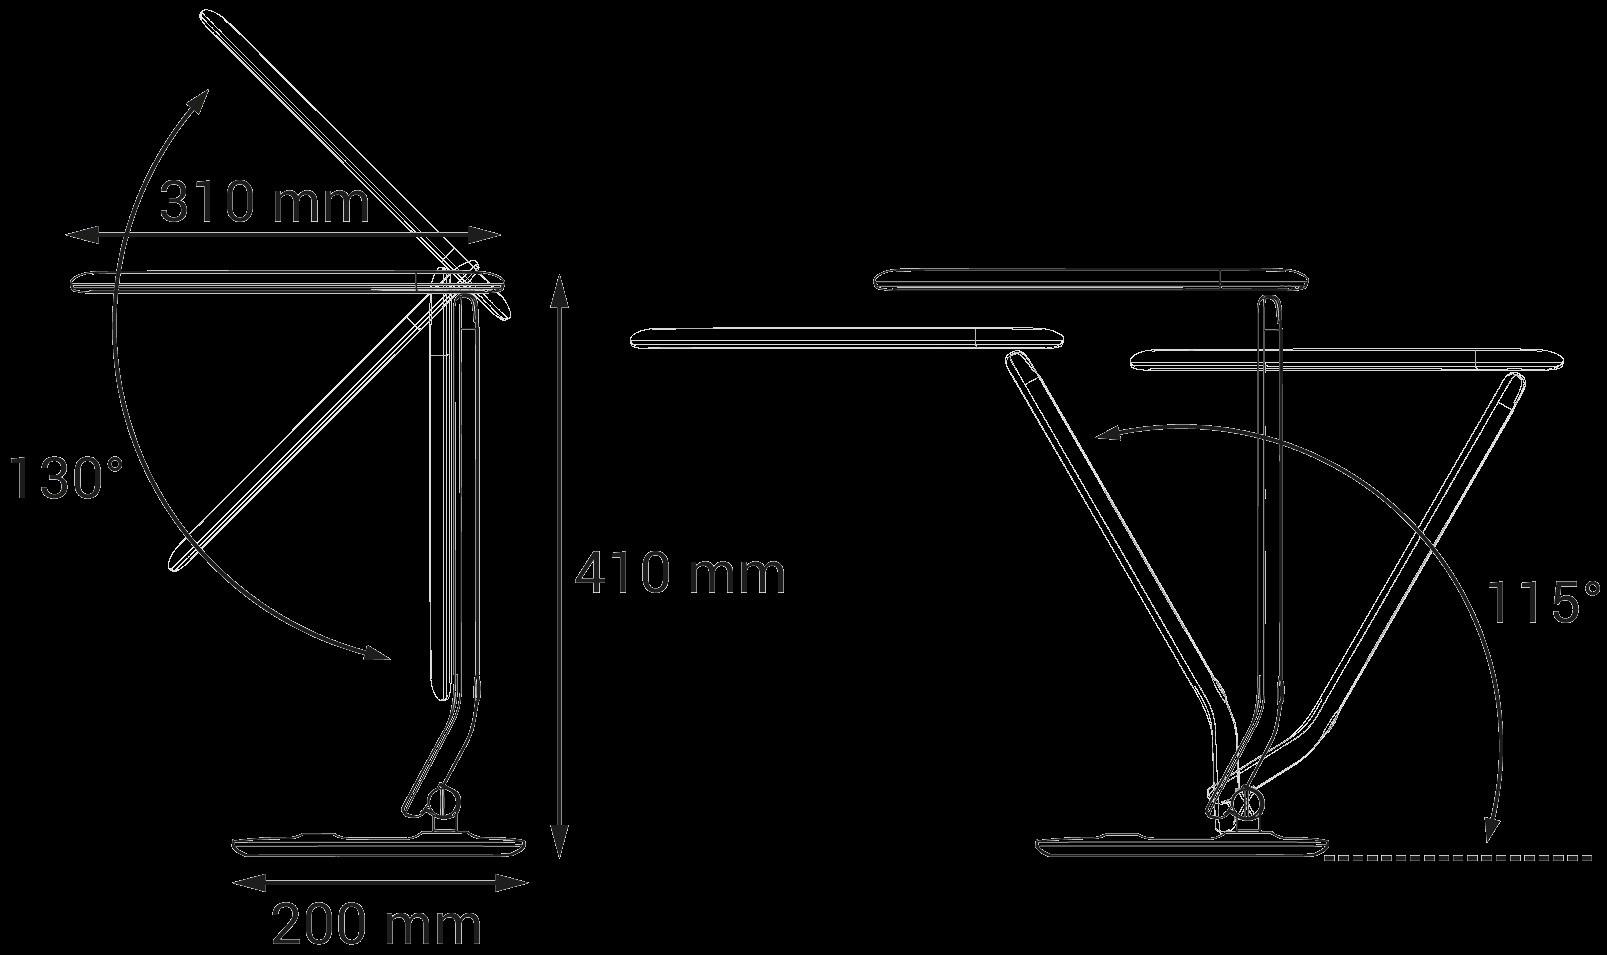 Luminária Mesa Abajur 8w LED 380Lm 5700k BF Dobrável Articulada Recarregável Dimmer Touch HM31194